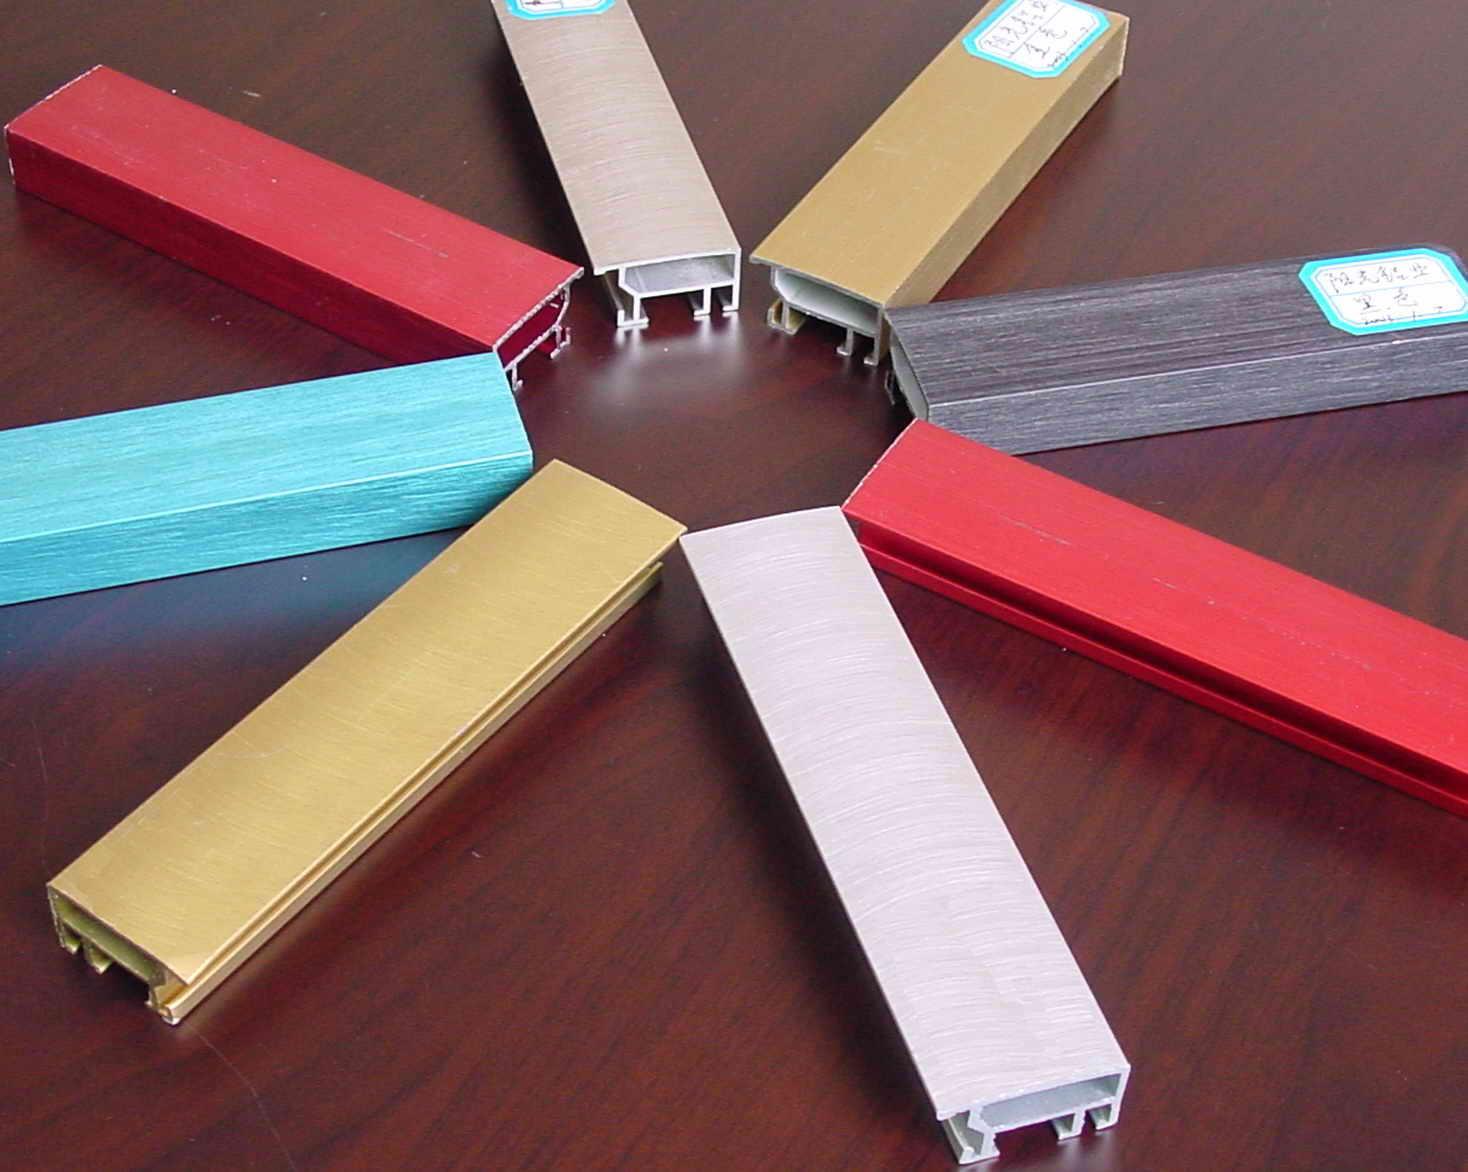 #B11A29 cores de perfil de alumínio anodizado Perfis de Alumínio ID do  4256 Janela Aluminio Anodizado Bronze Preço